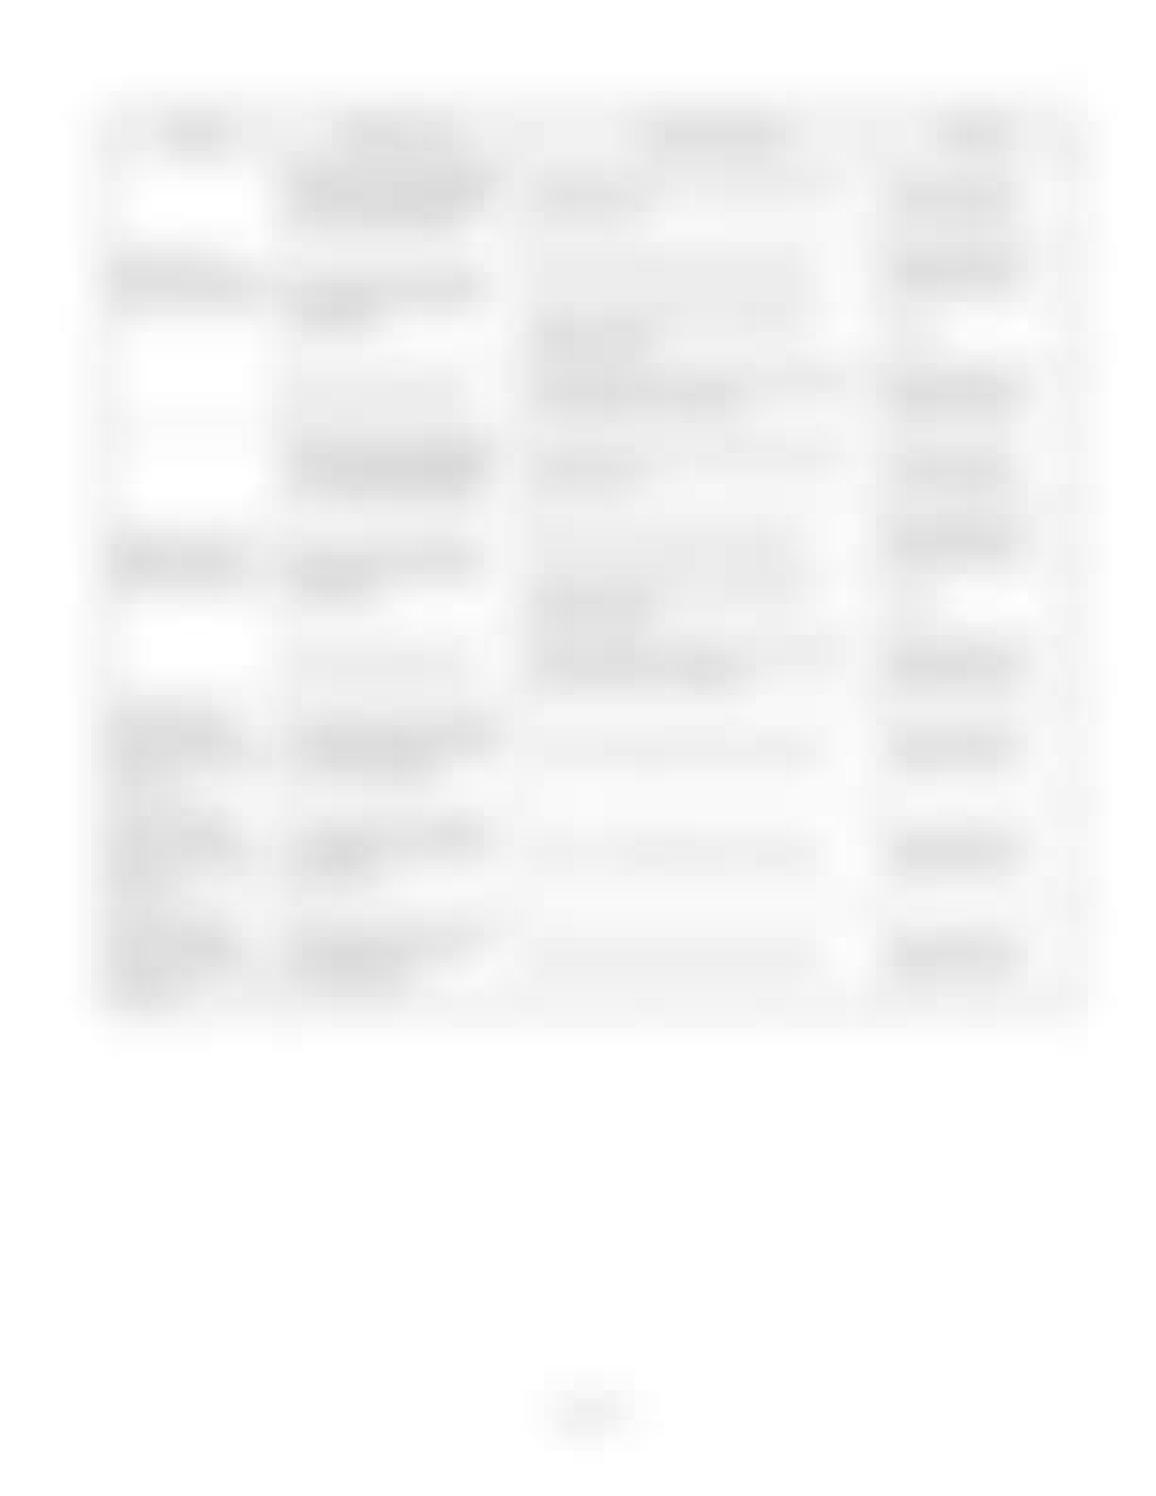 Hitachi LX110-7 LX130-7 LX160-7 LX190-7 LX230-7 Wheel Loader Workshop Manual - PDF DOWNLOAD page 149